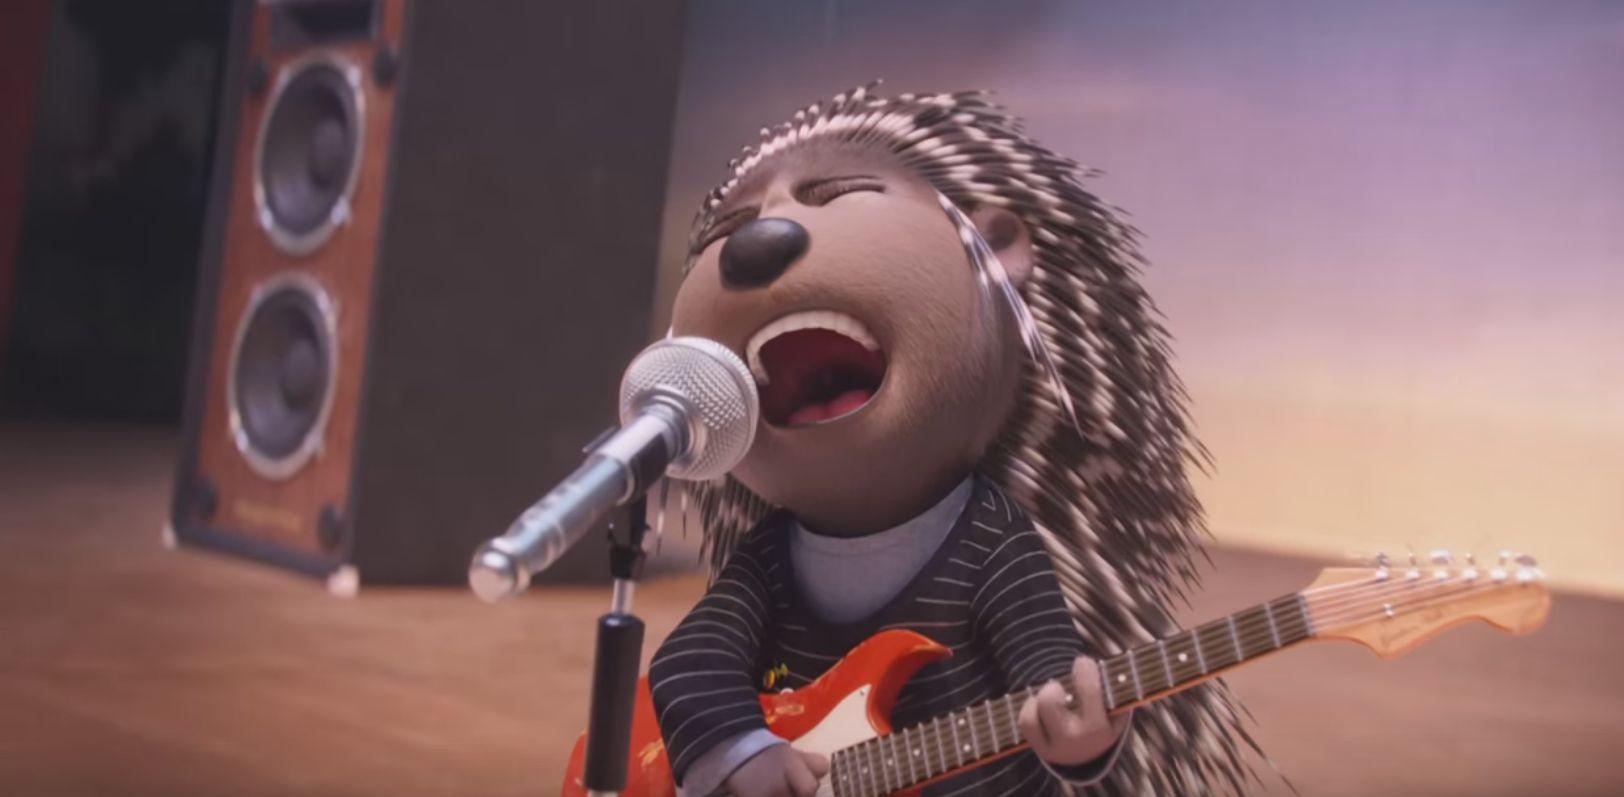 """Śpiewać każdy może – zobacz trailer muzycznej animacji """"Sing"""""""